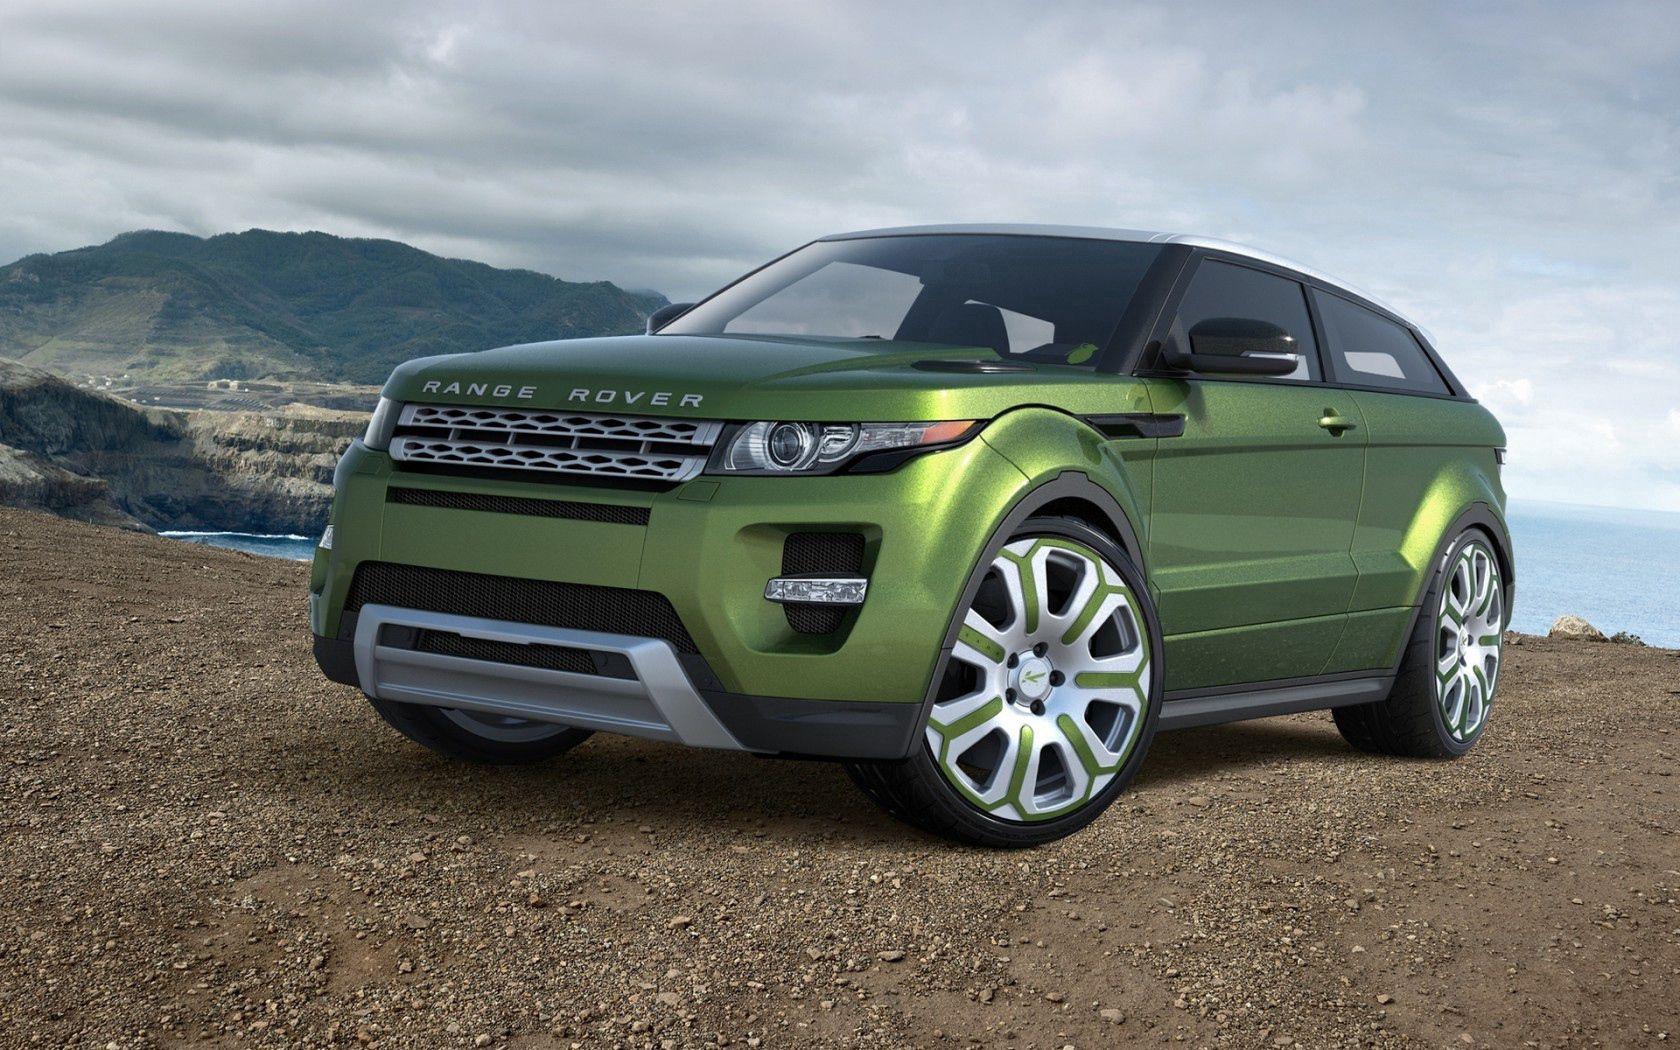 149807 скачать обои Тачки (Cars), Ленд Ровер (Land Rover), Рендж Ровер (Range Rover), Evoque, Ленд Ровер, Рэндж Ровер, Эвок, Машины, Машина, Зелёная - заставки и картинки бесплатно